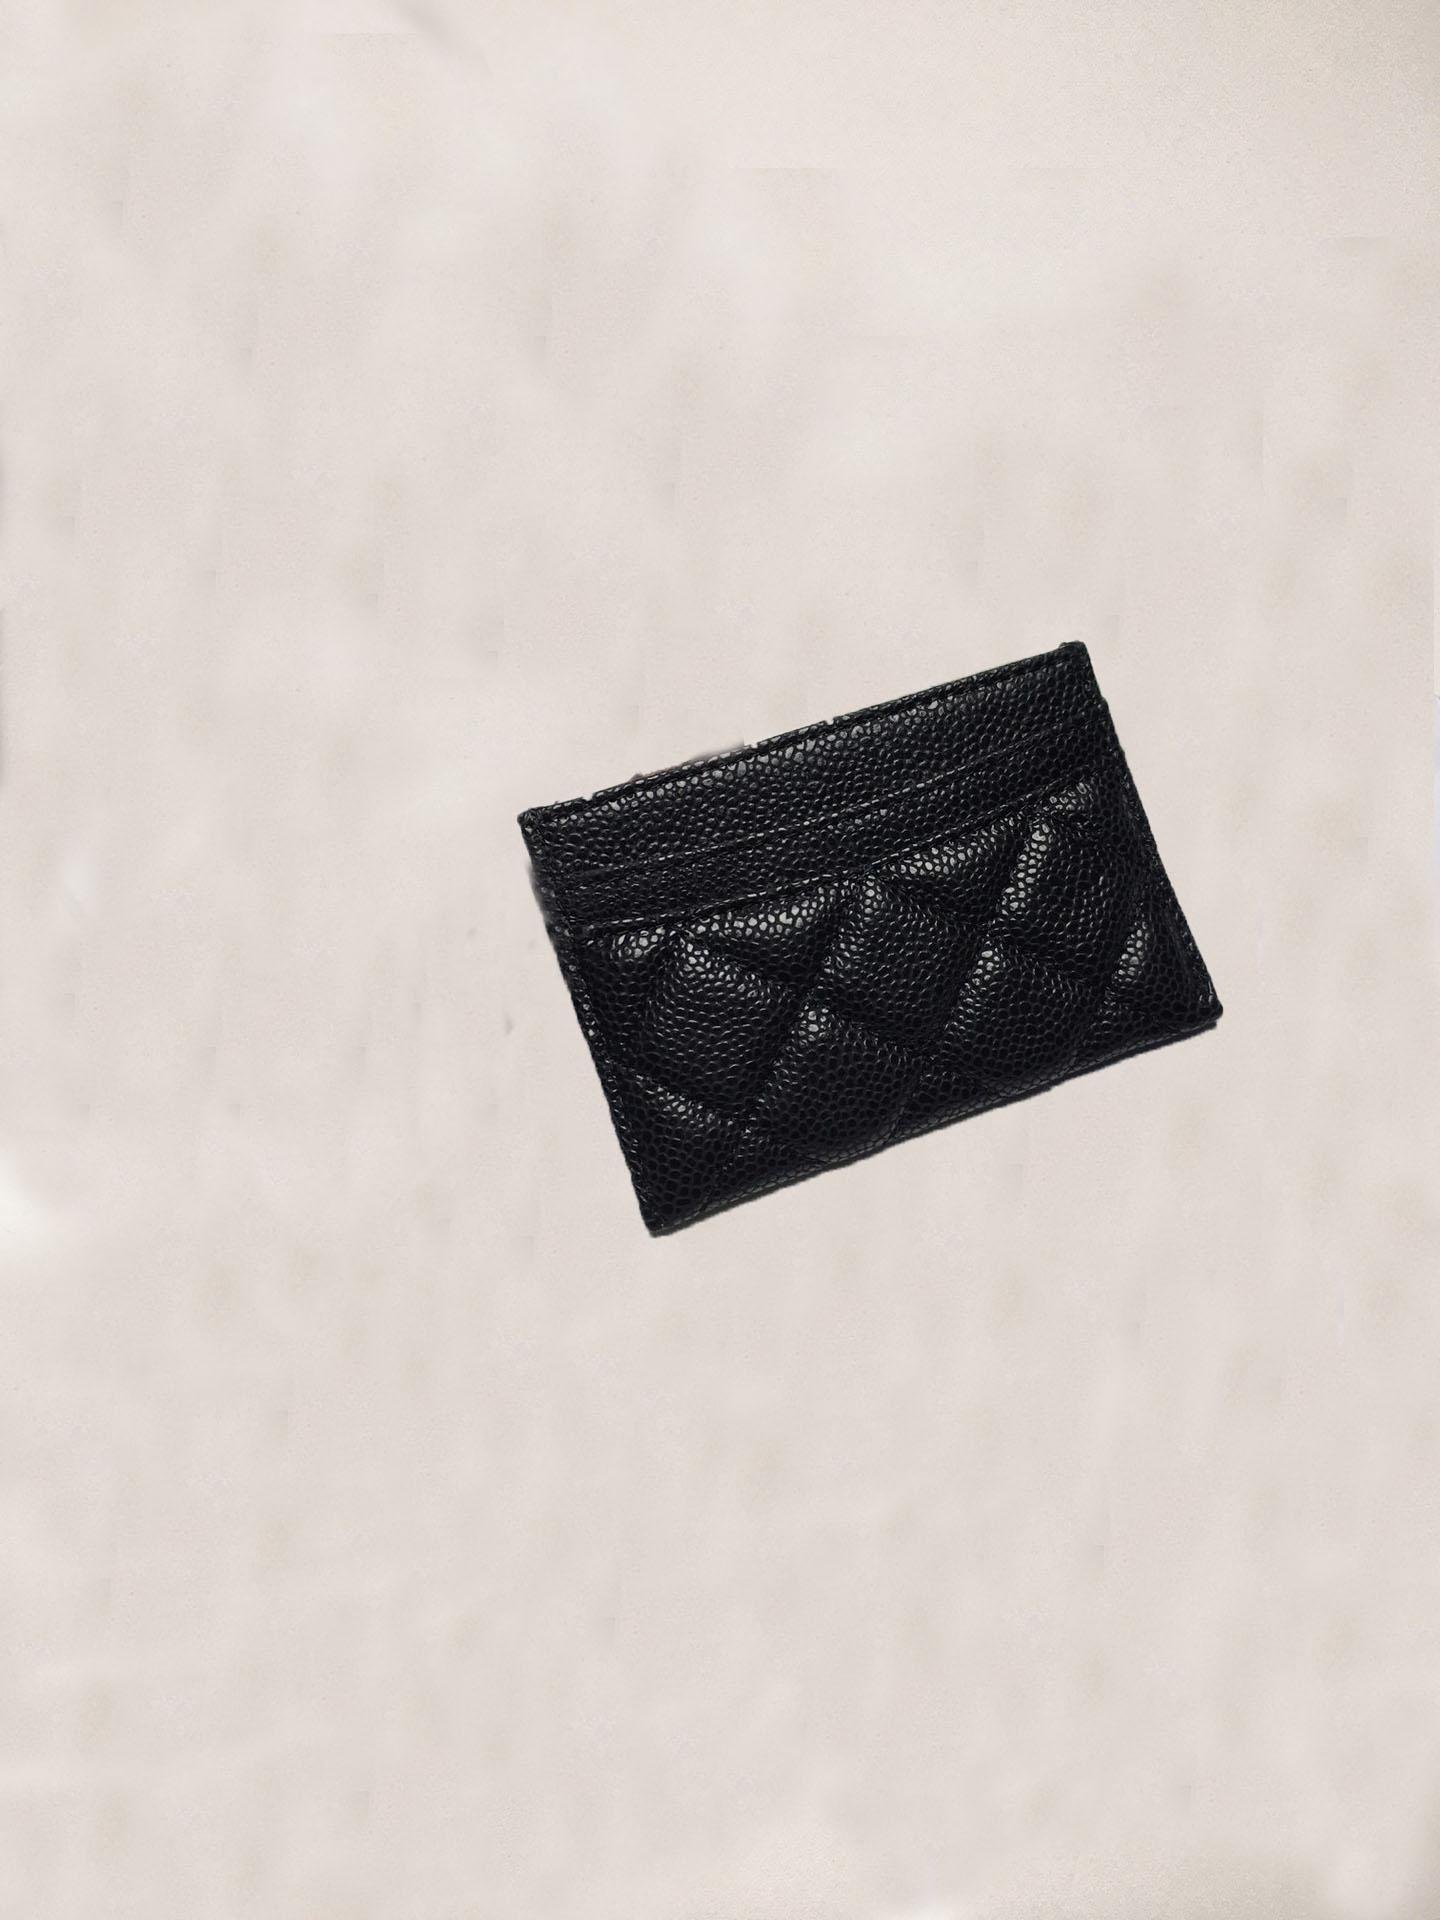 Top Quality Girls and Ladies Classic Casual Carta di credito Porta carte da bovina in pelle di vacchetta Ultra Slim Portafanico Borsa per uomo Donna W7.5 * 11.2 * 0.5cm